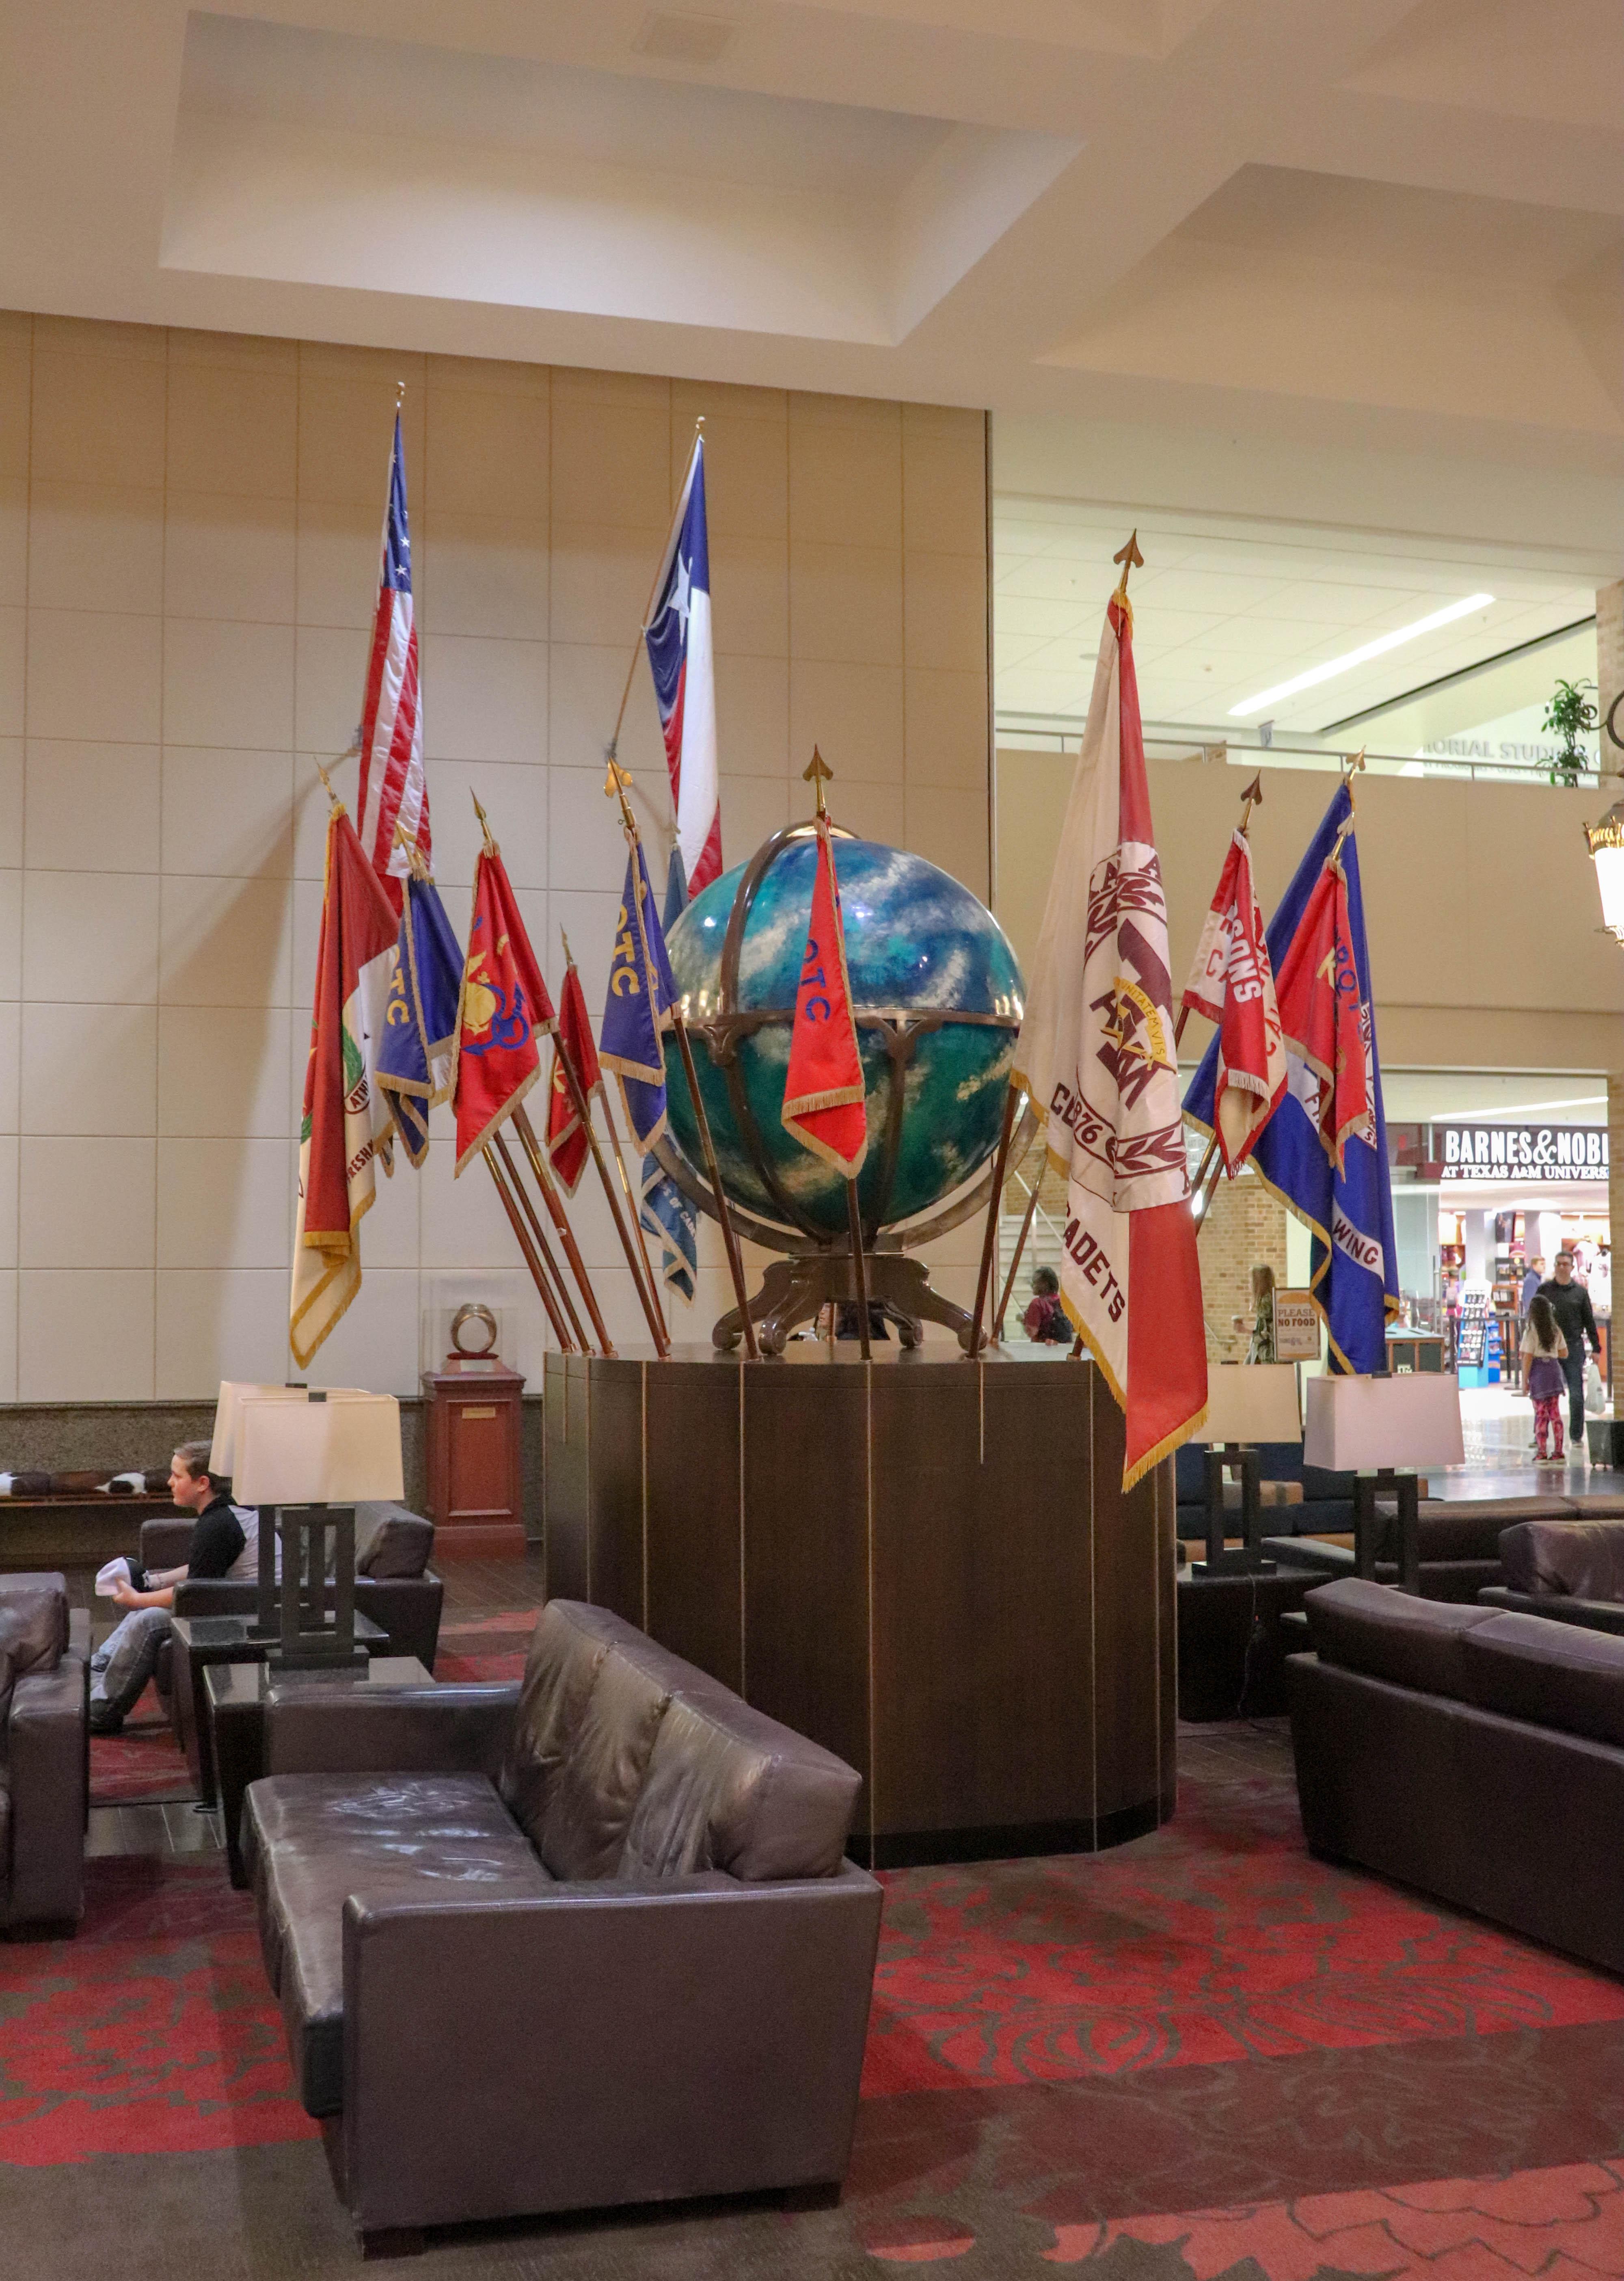 Memorial Student Center Flag Room